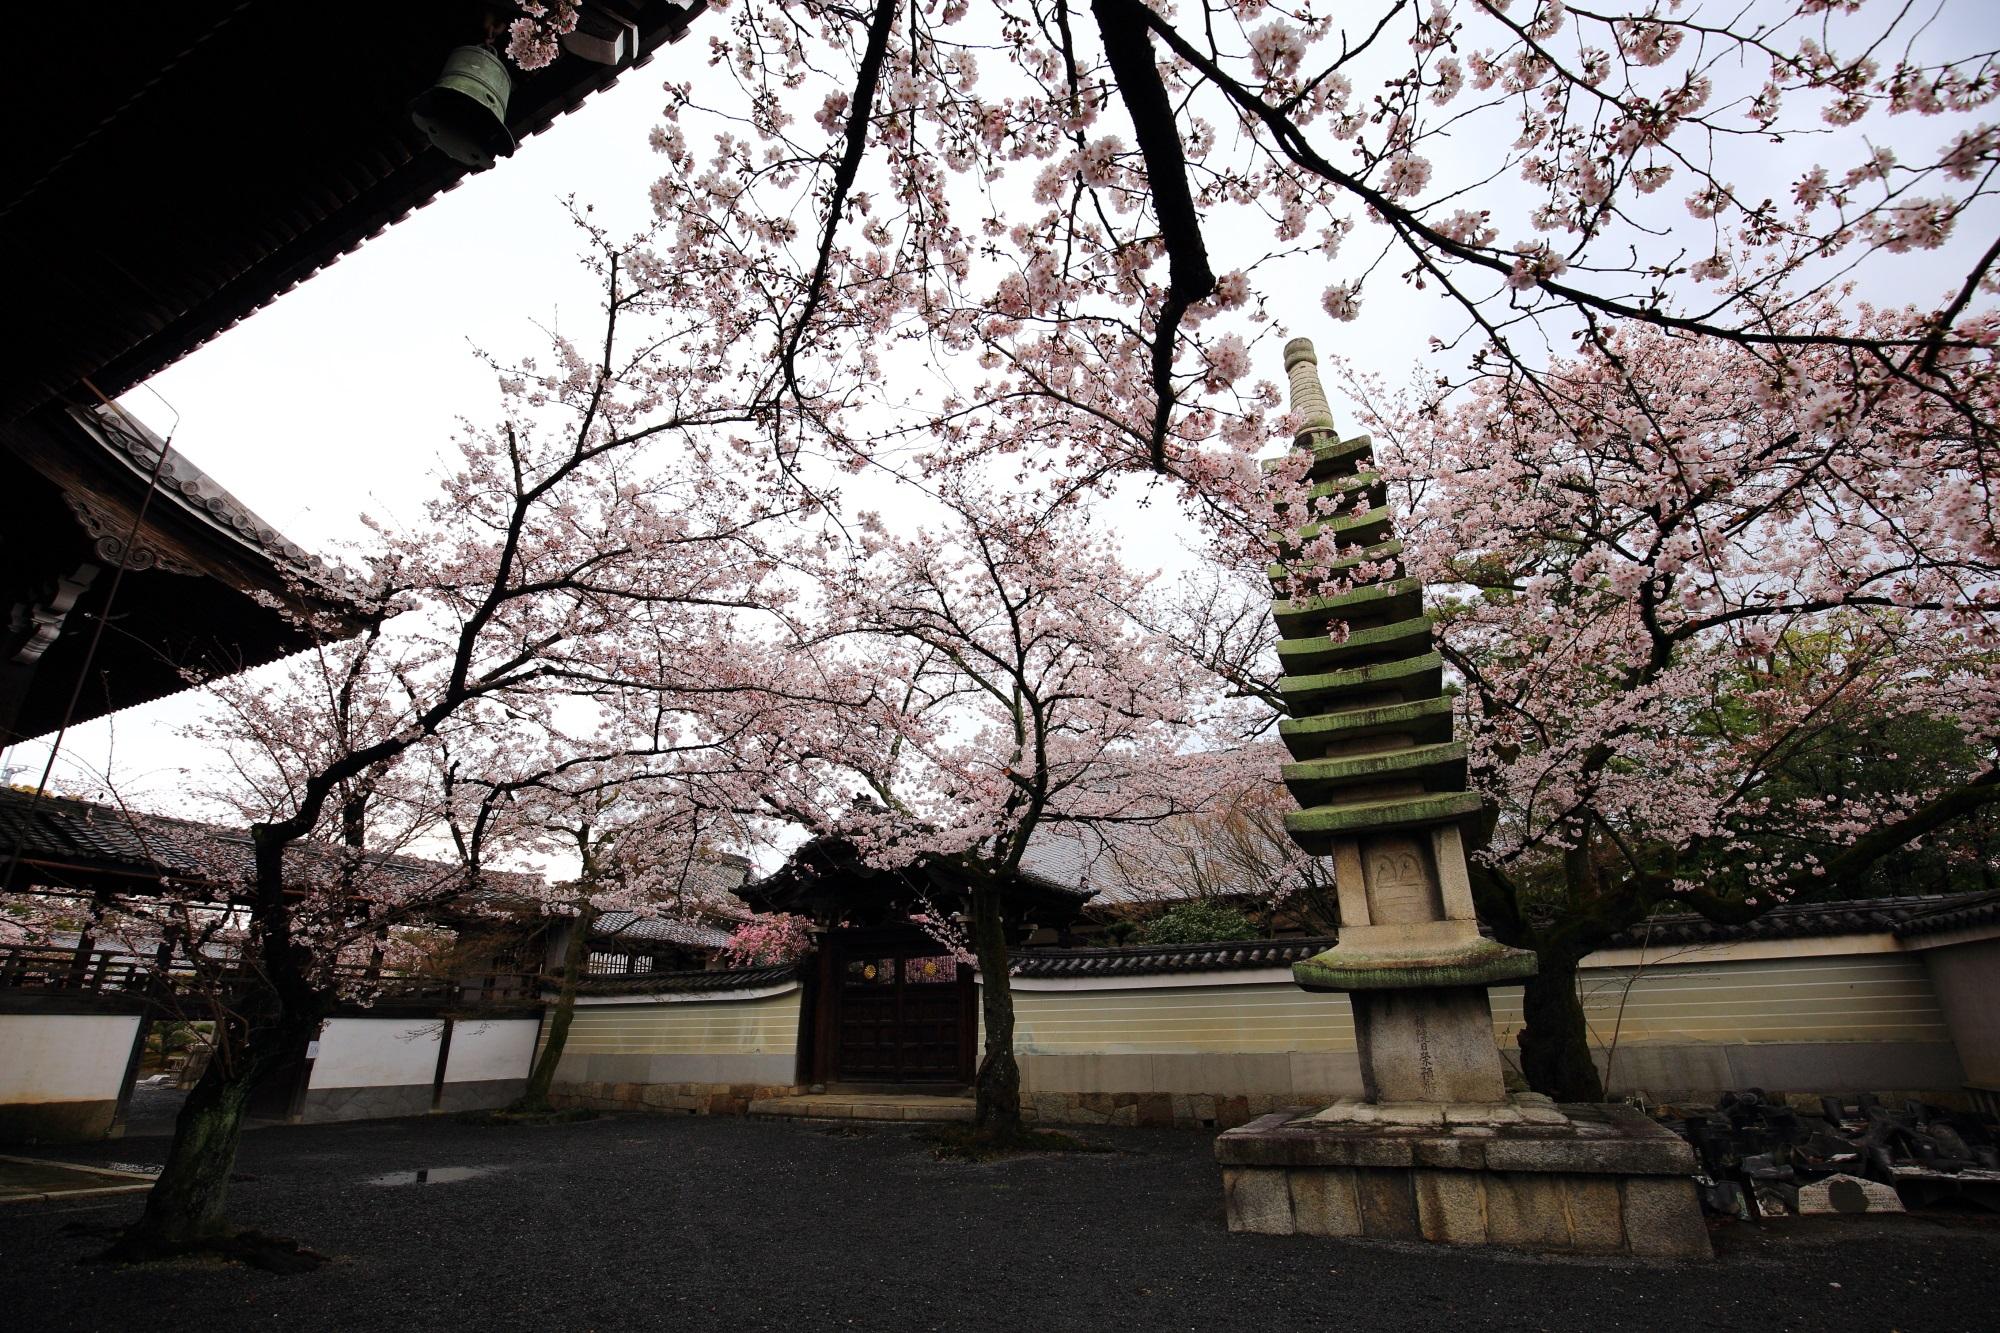 妙顕寺の満開の桜と石塔